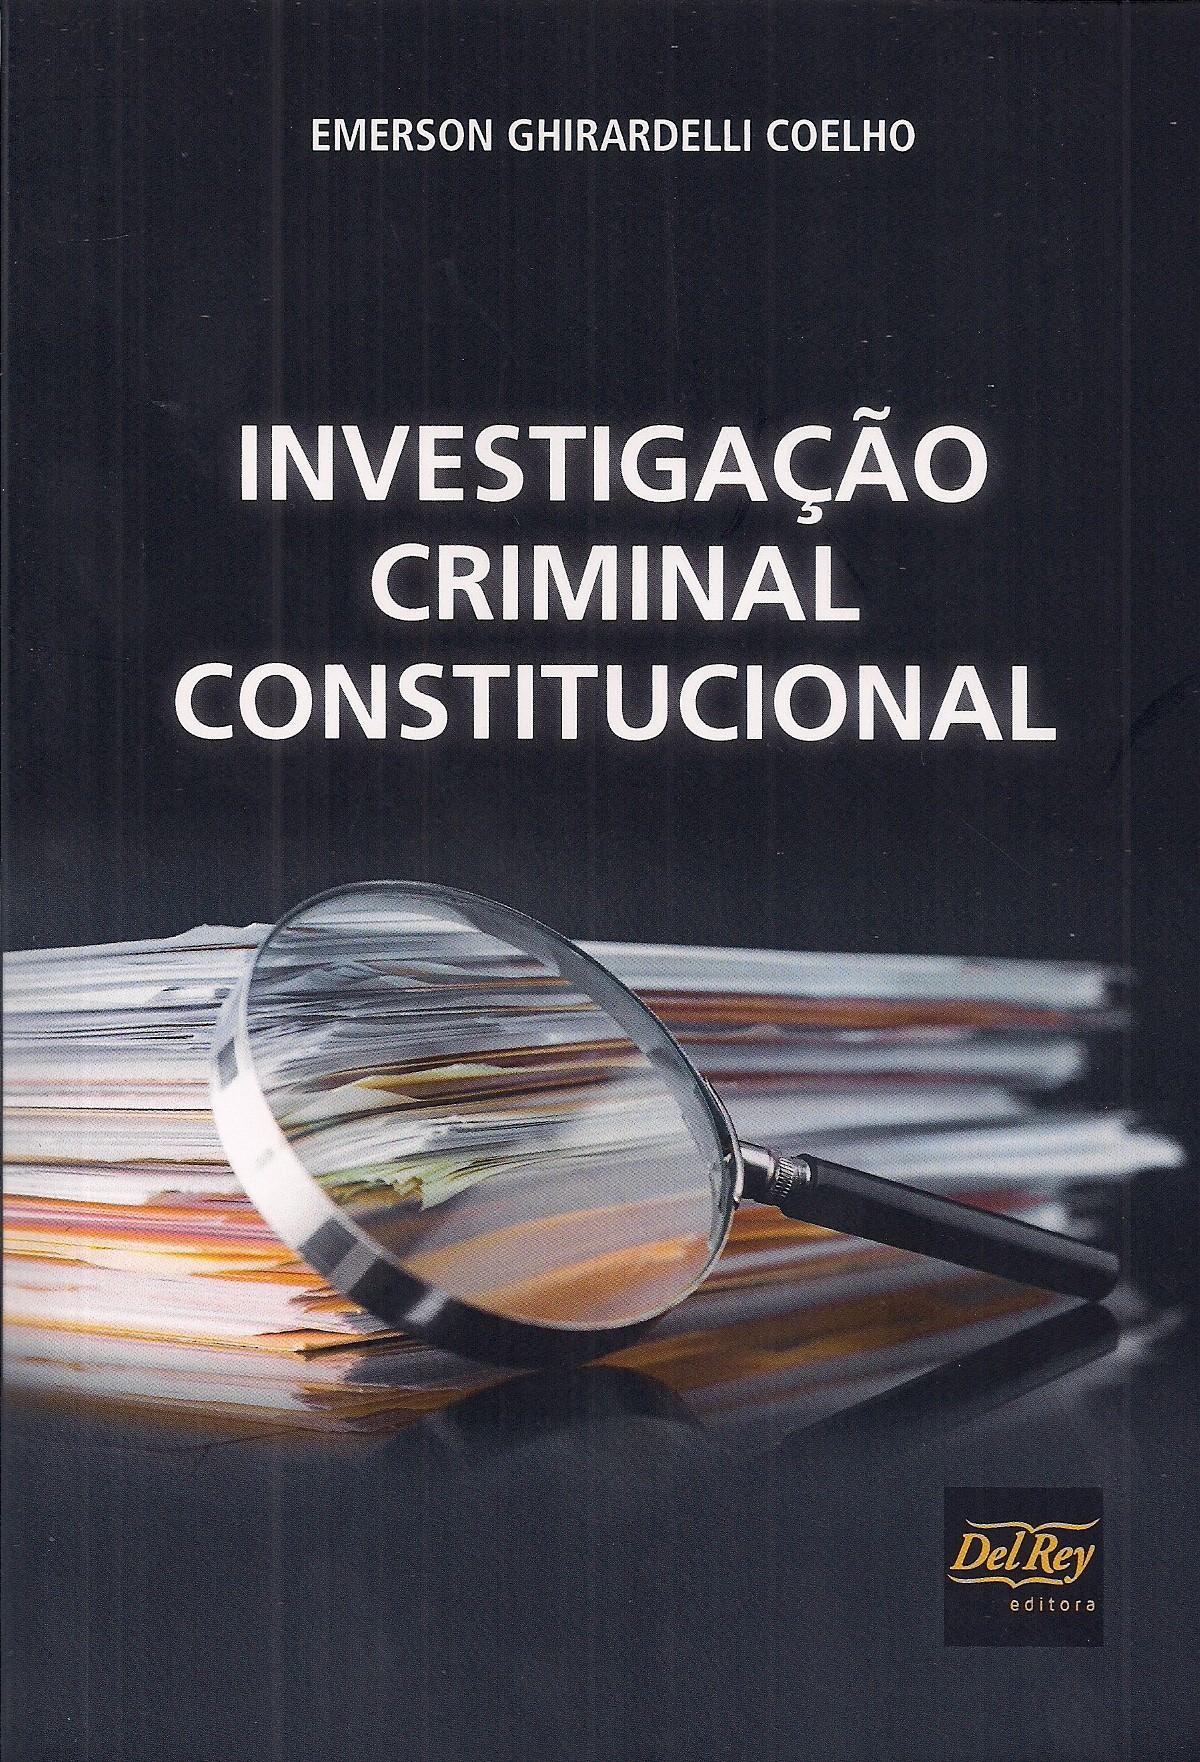 Foto 1 - Investigação Criminal Constitucional